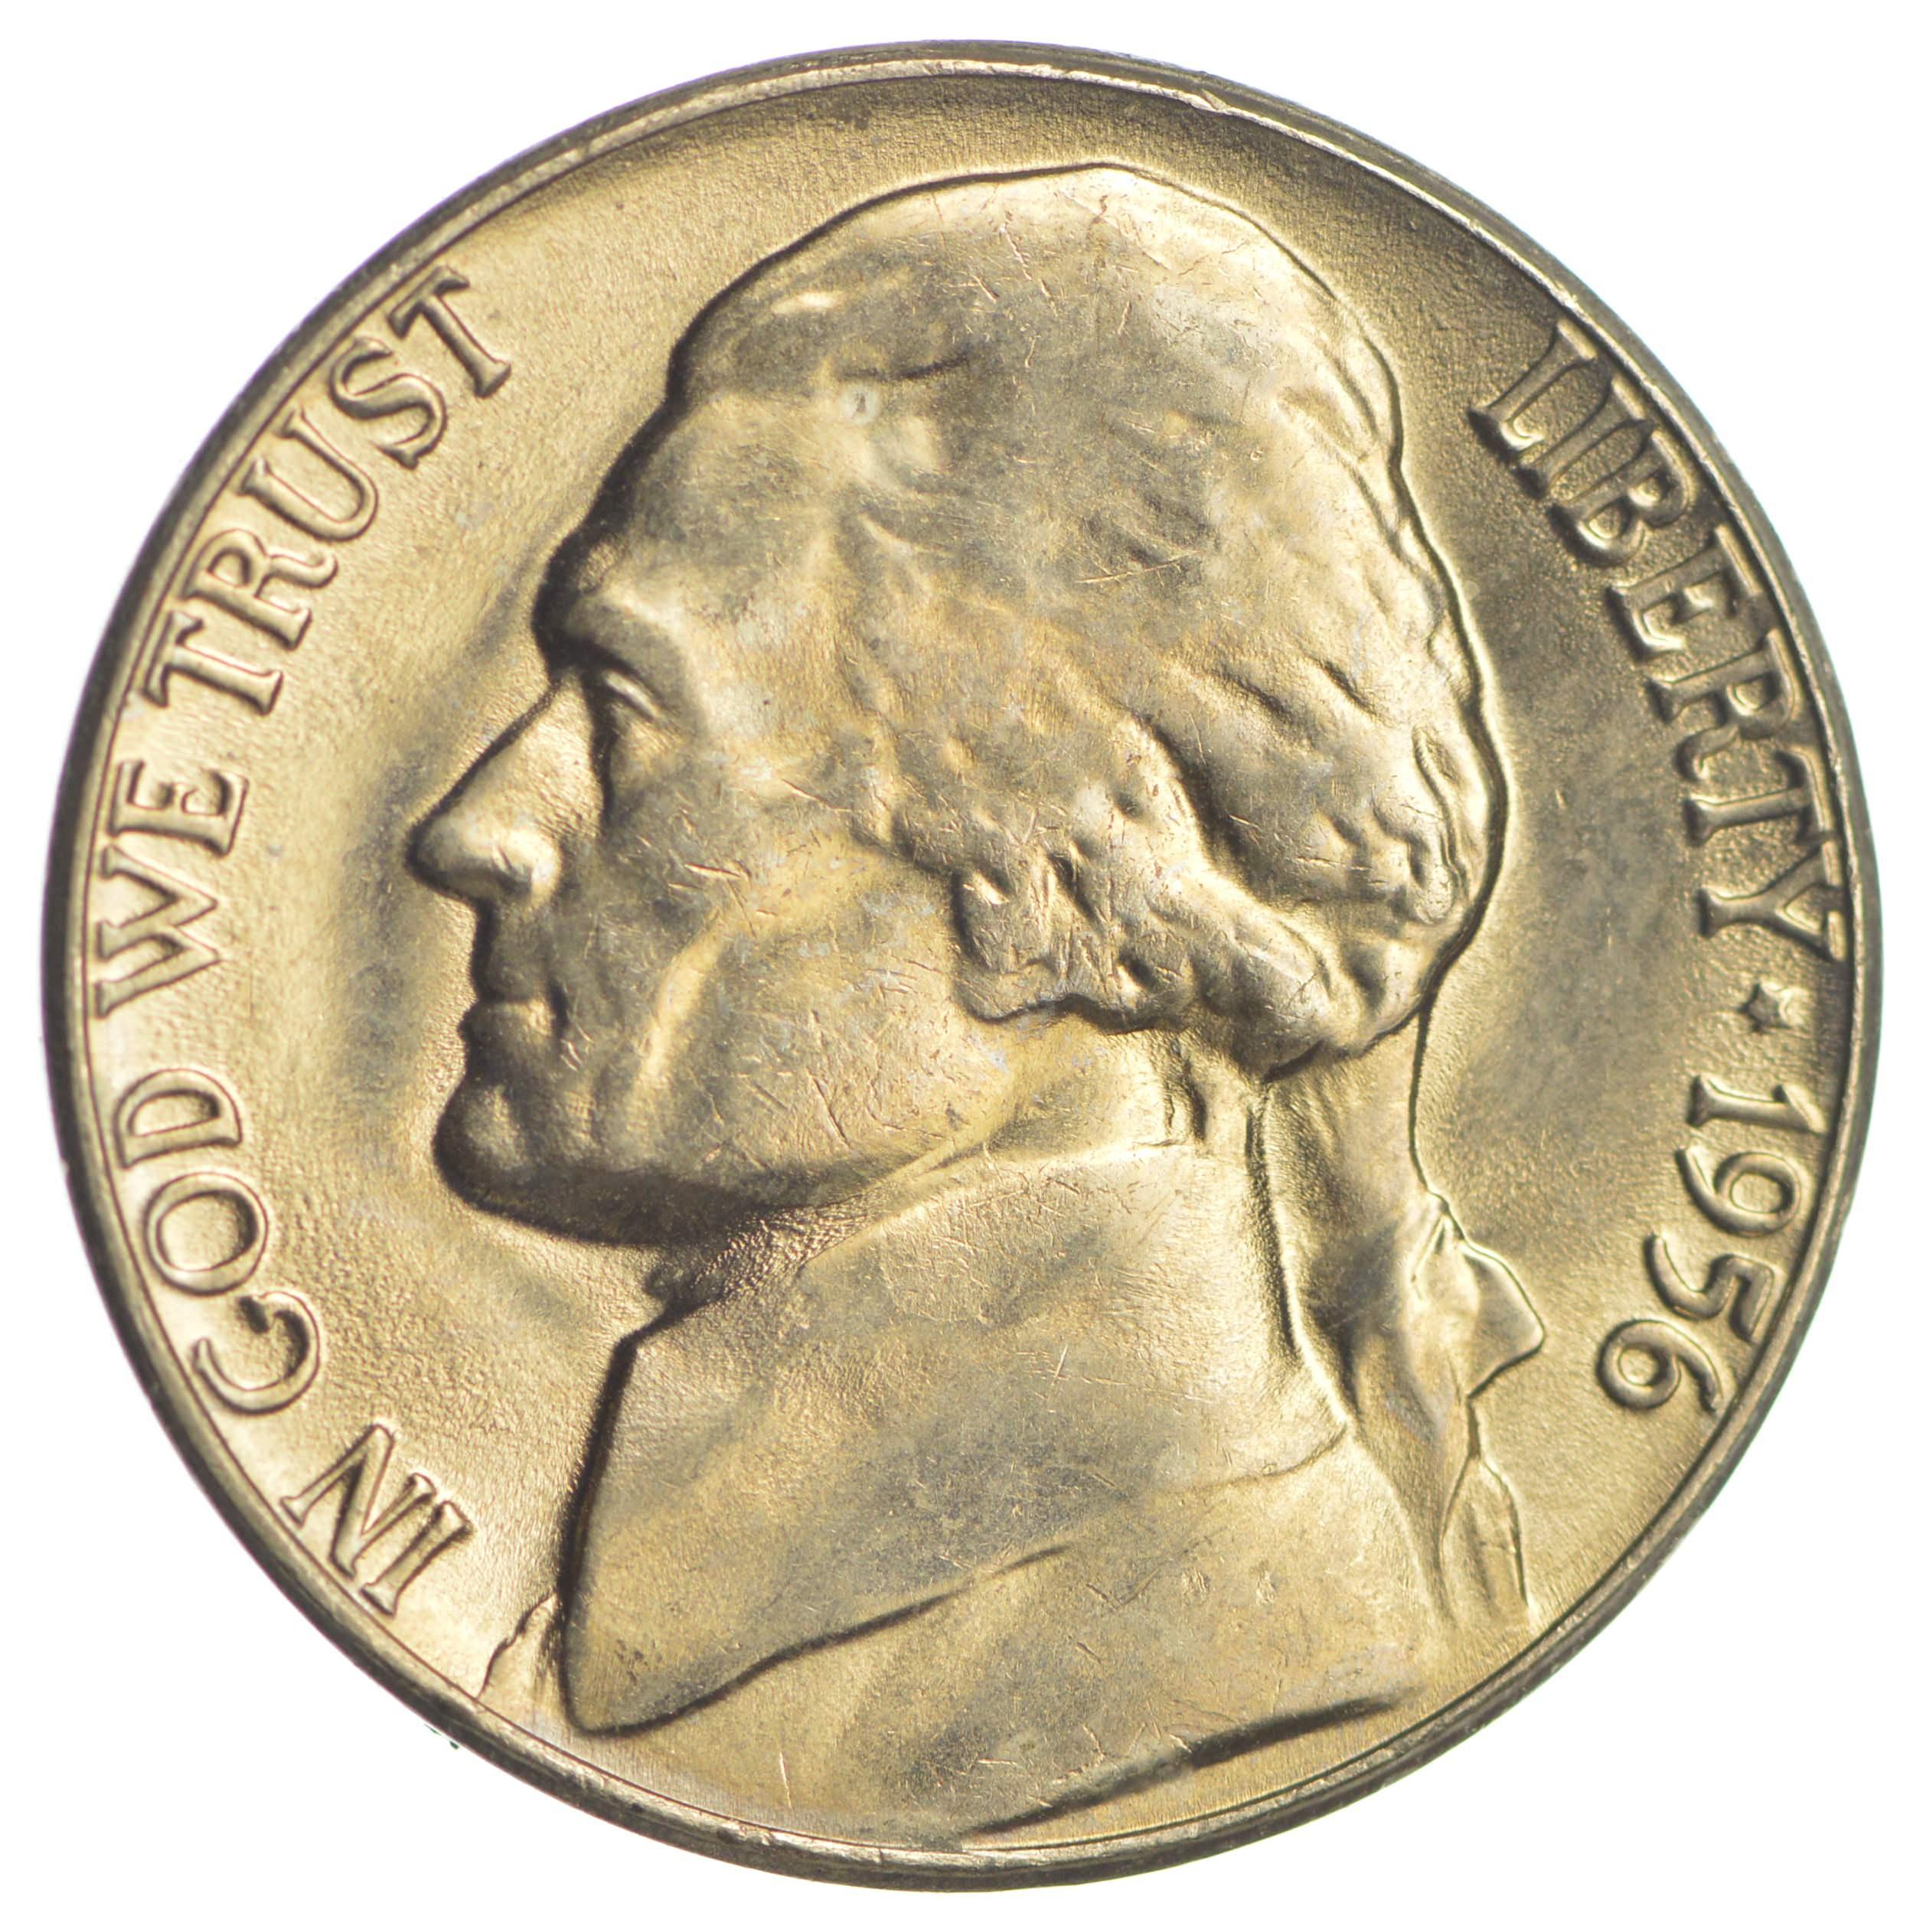 CH Unc 1956 Early Jefferson Nickel